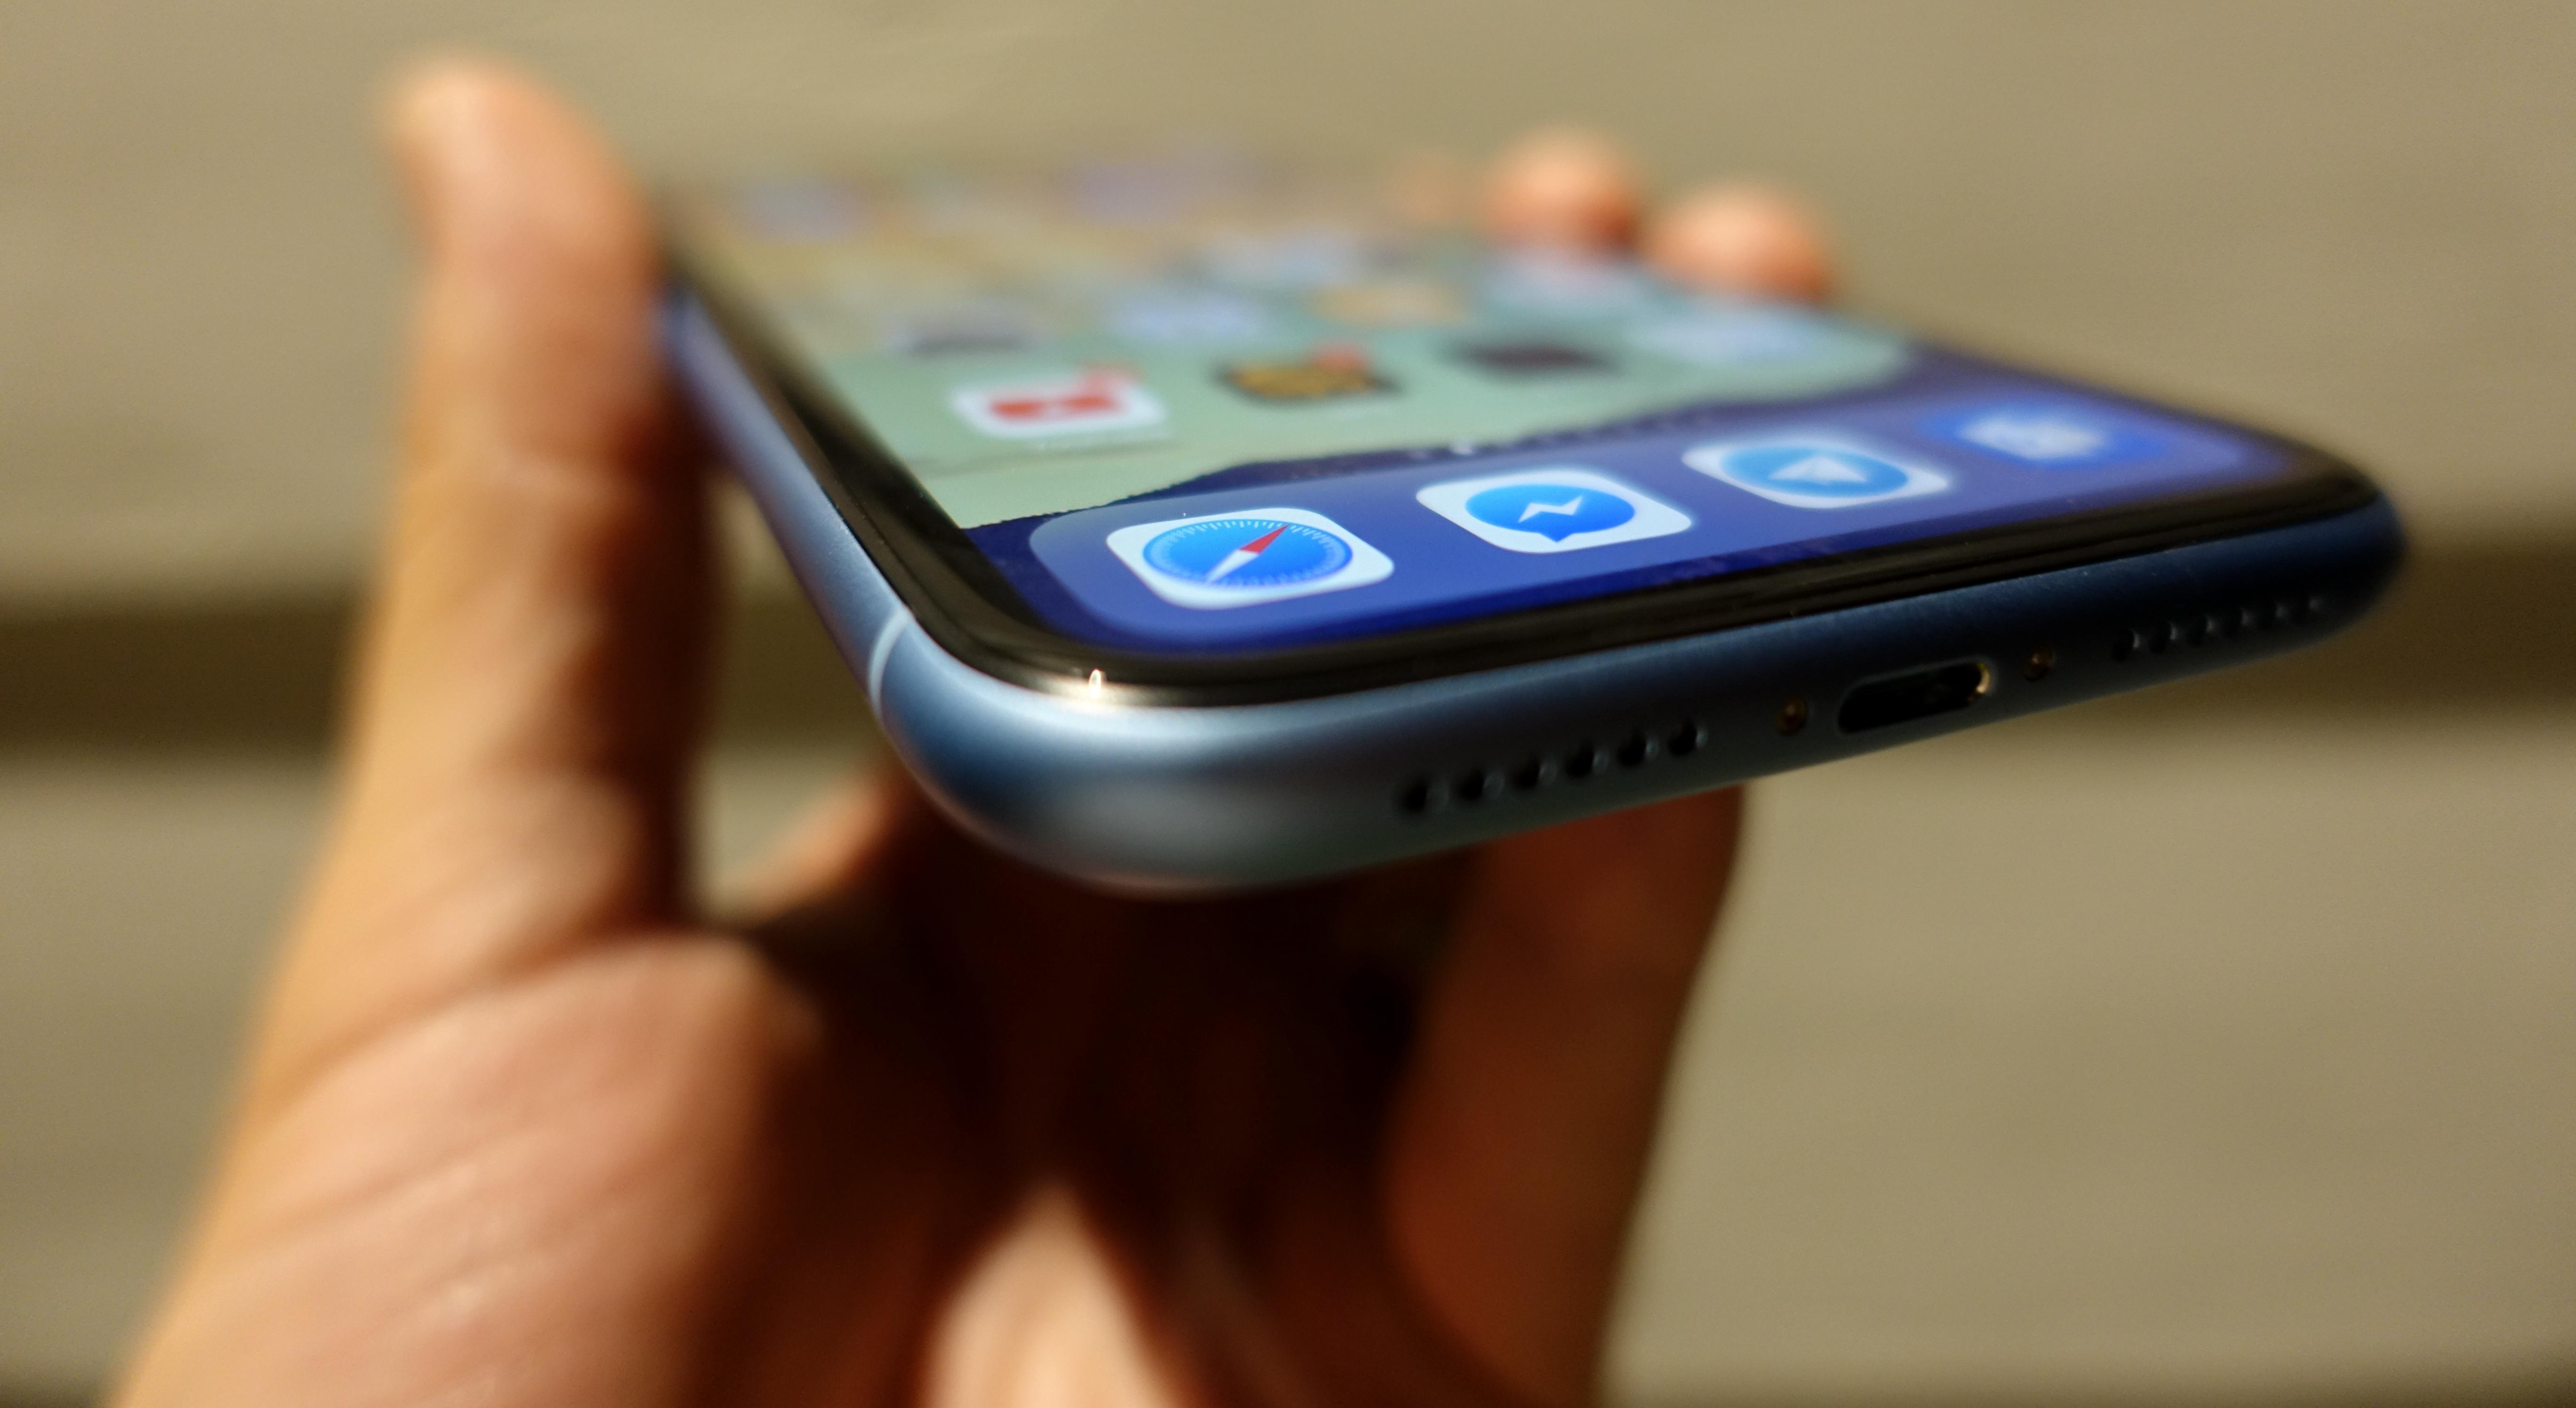 Blåfargen ser flott ut, men siden Xr også har glass på baksiden, er det tryggeste å dekke den til.